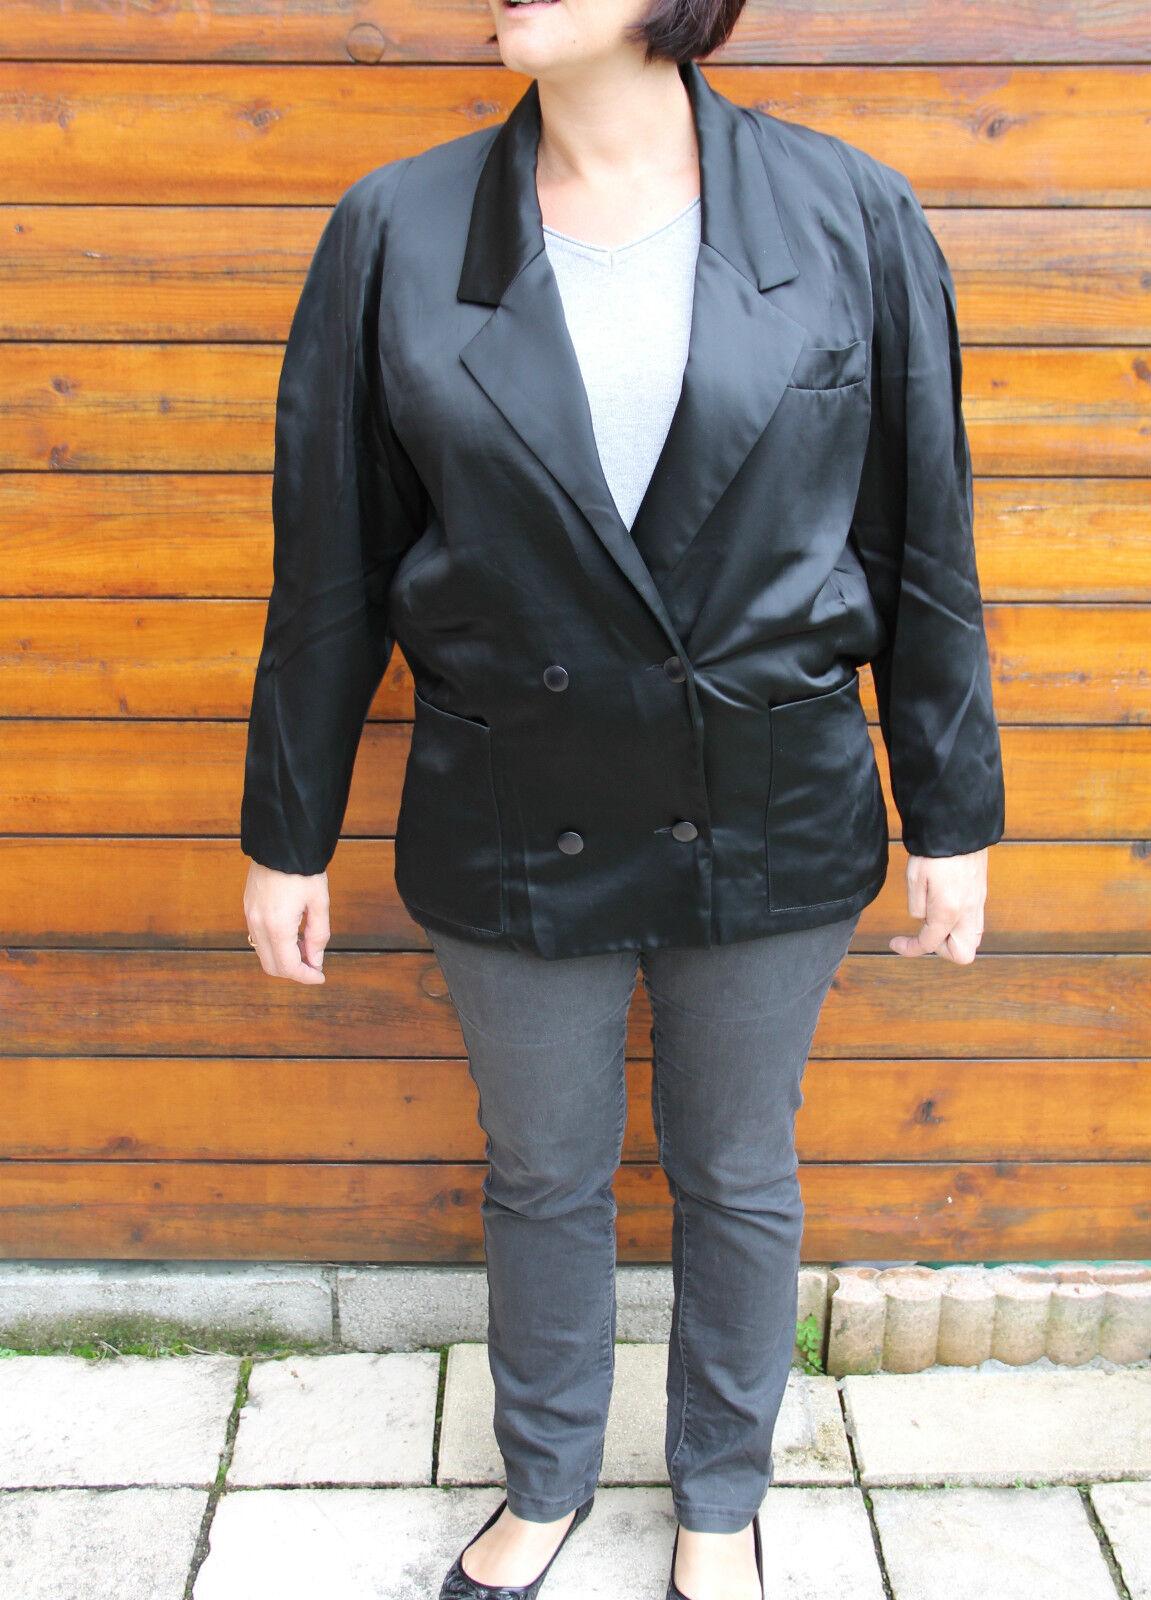 Lujosa Chaqueta Brillante black Christian Dior Coordonnés Nuevo